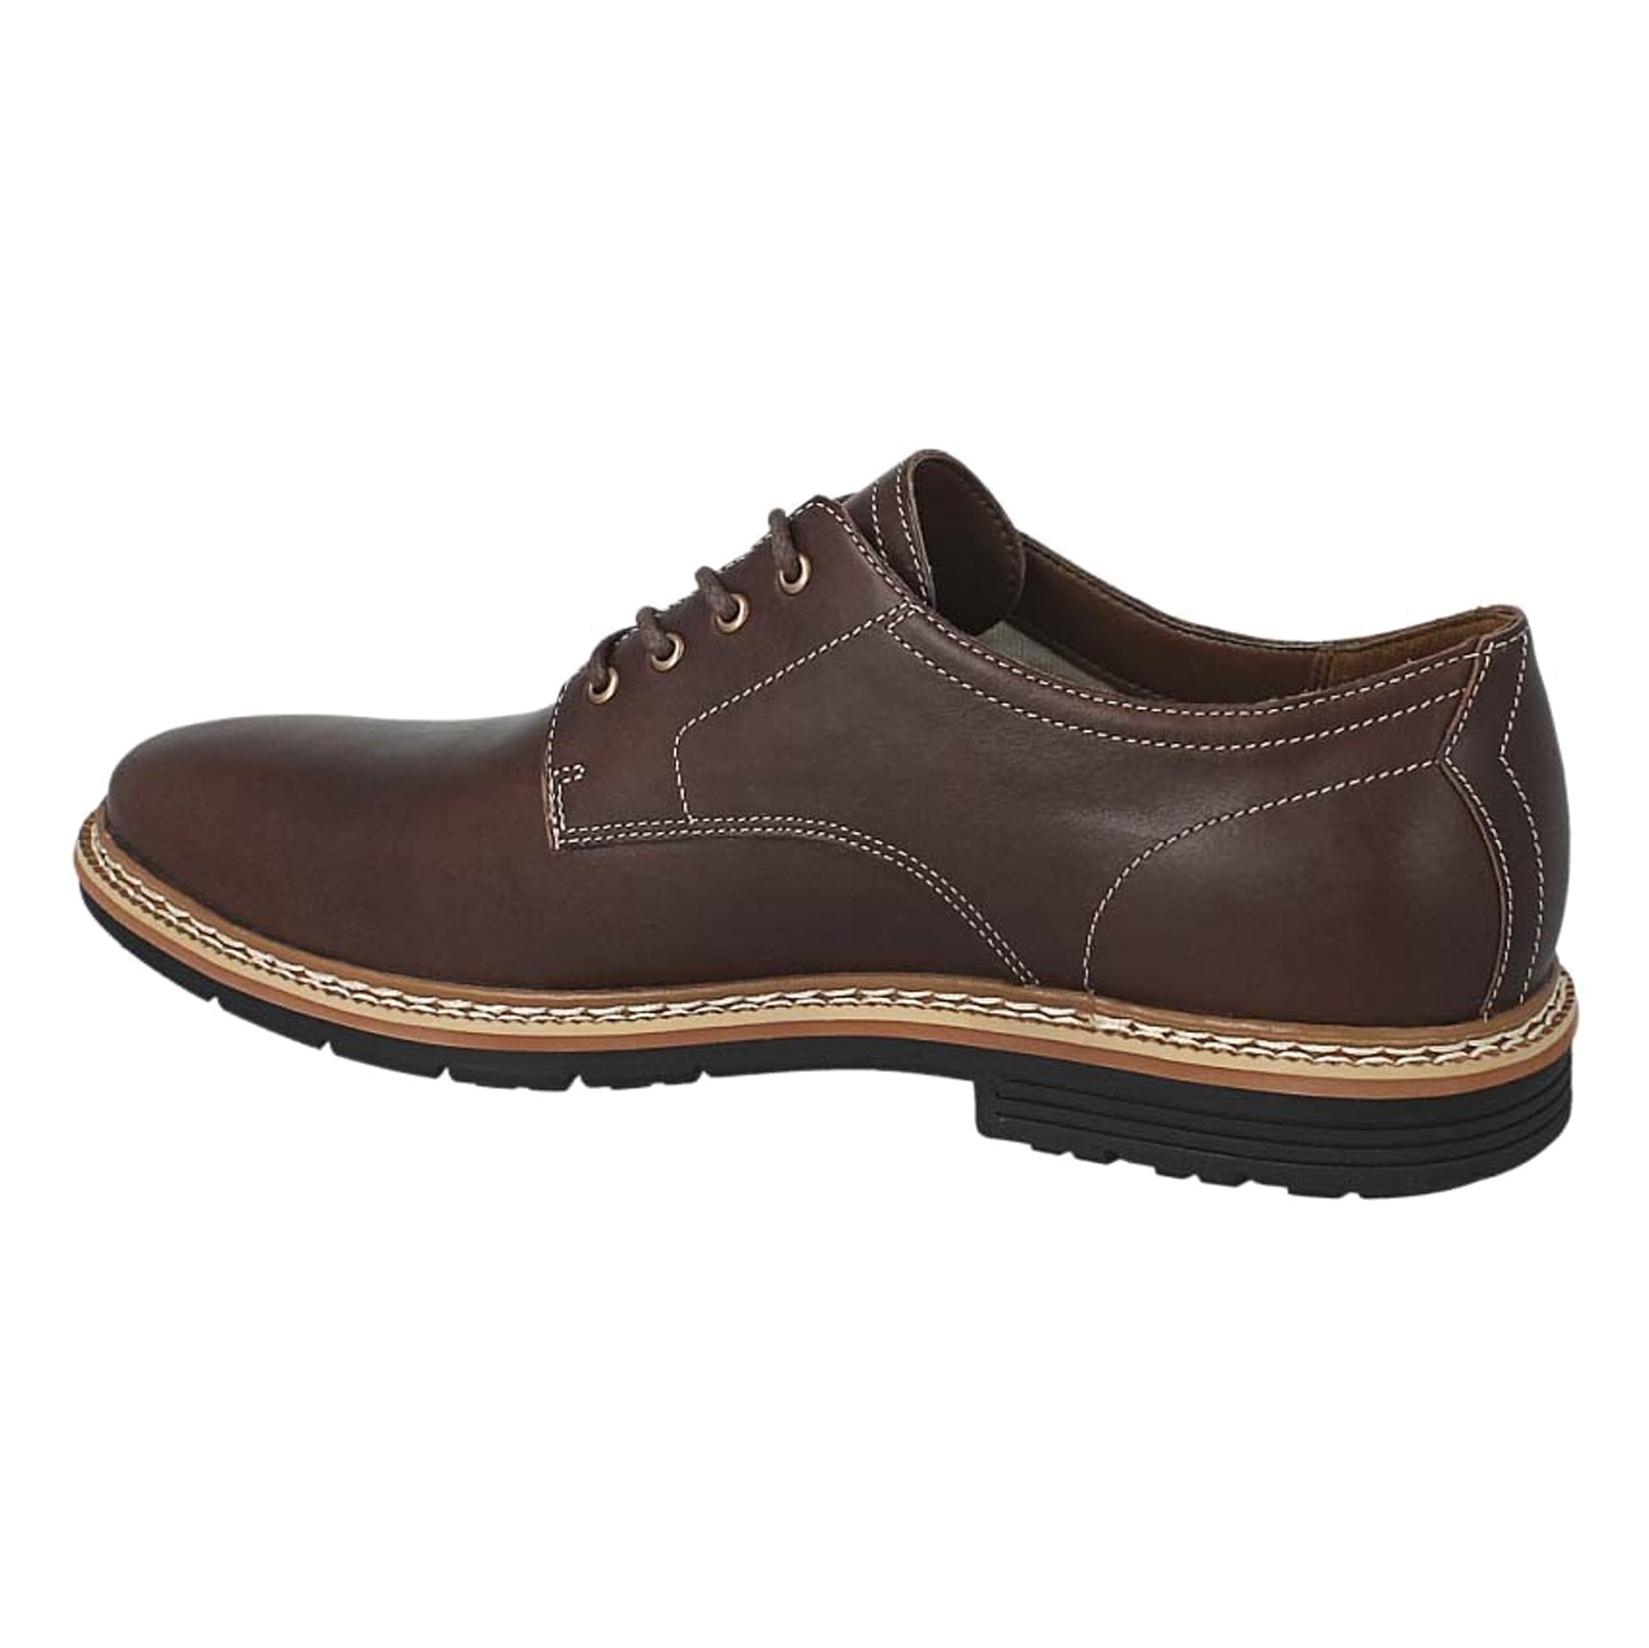 کفش اداری چرم مردانه - تیمبرلند - قهوه اي - 4